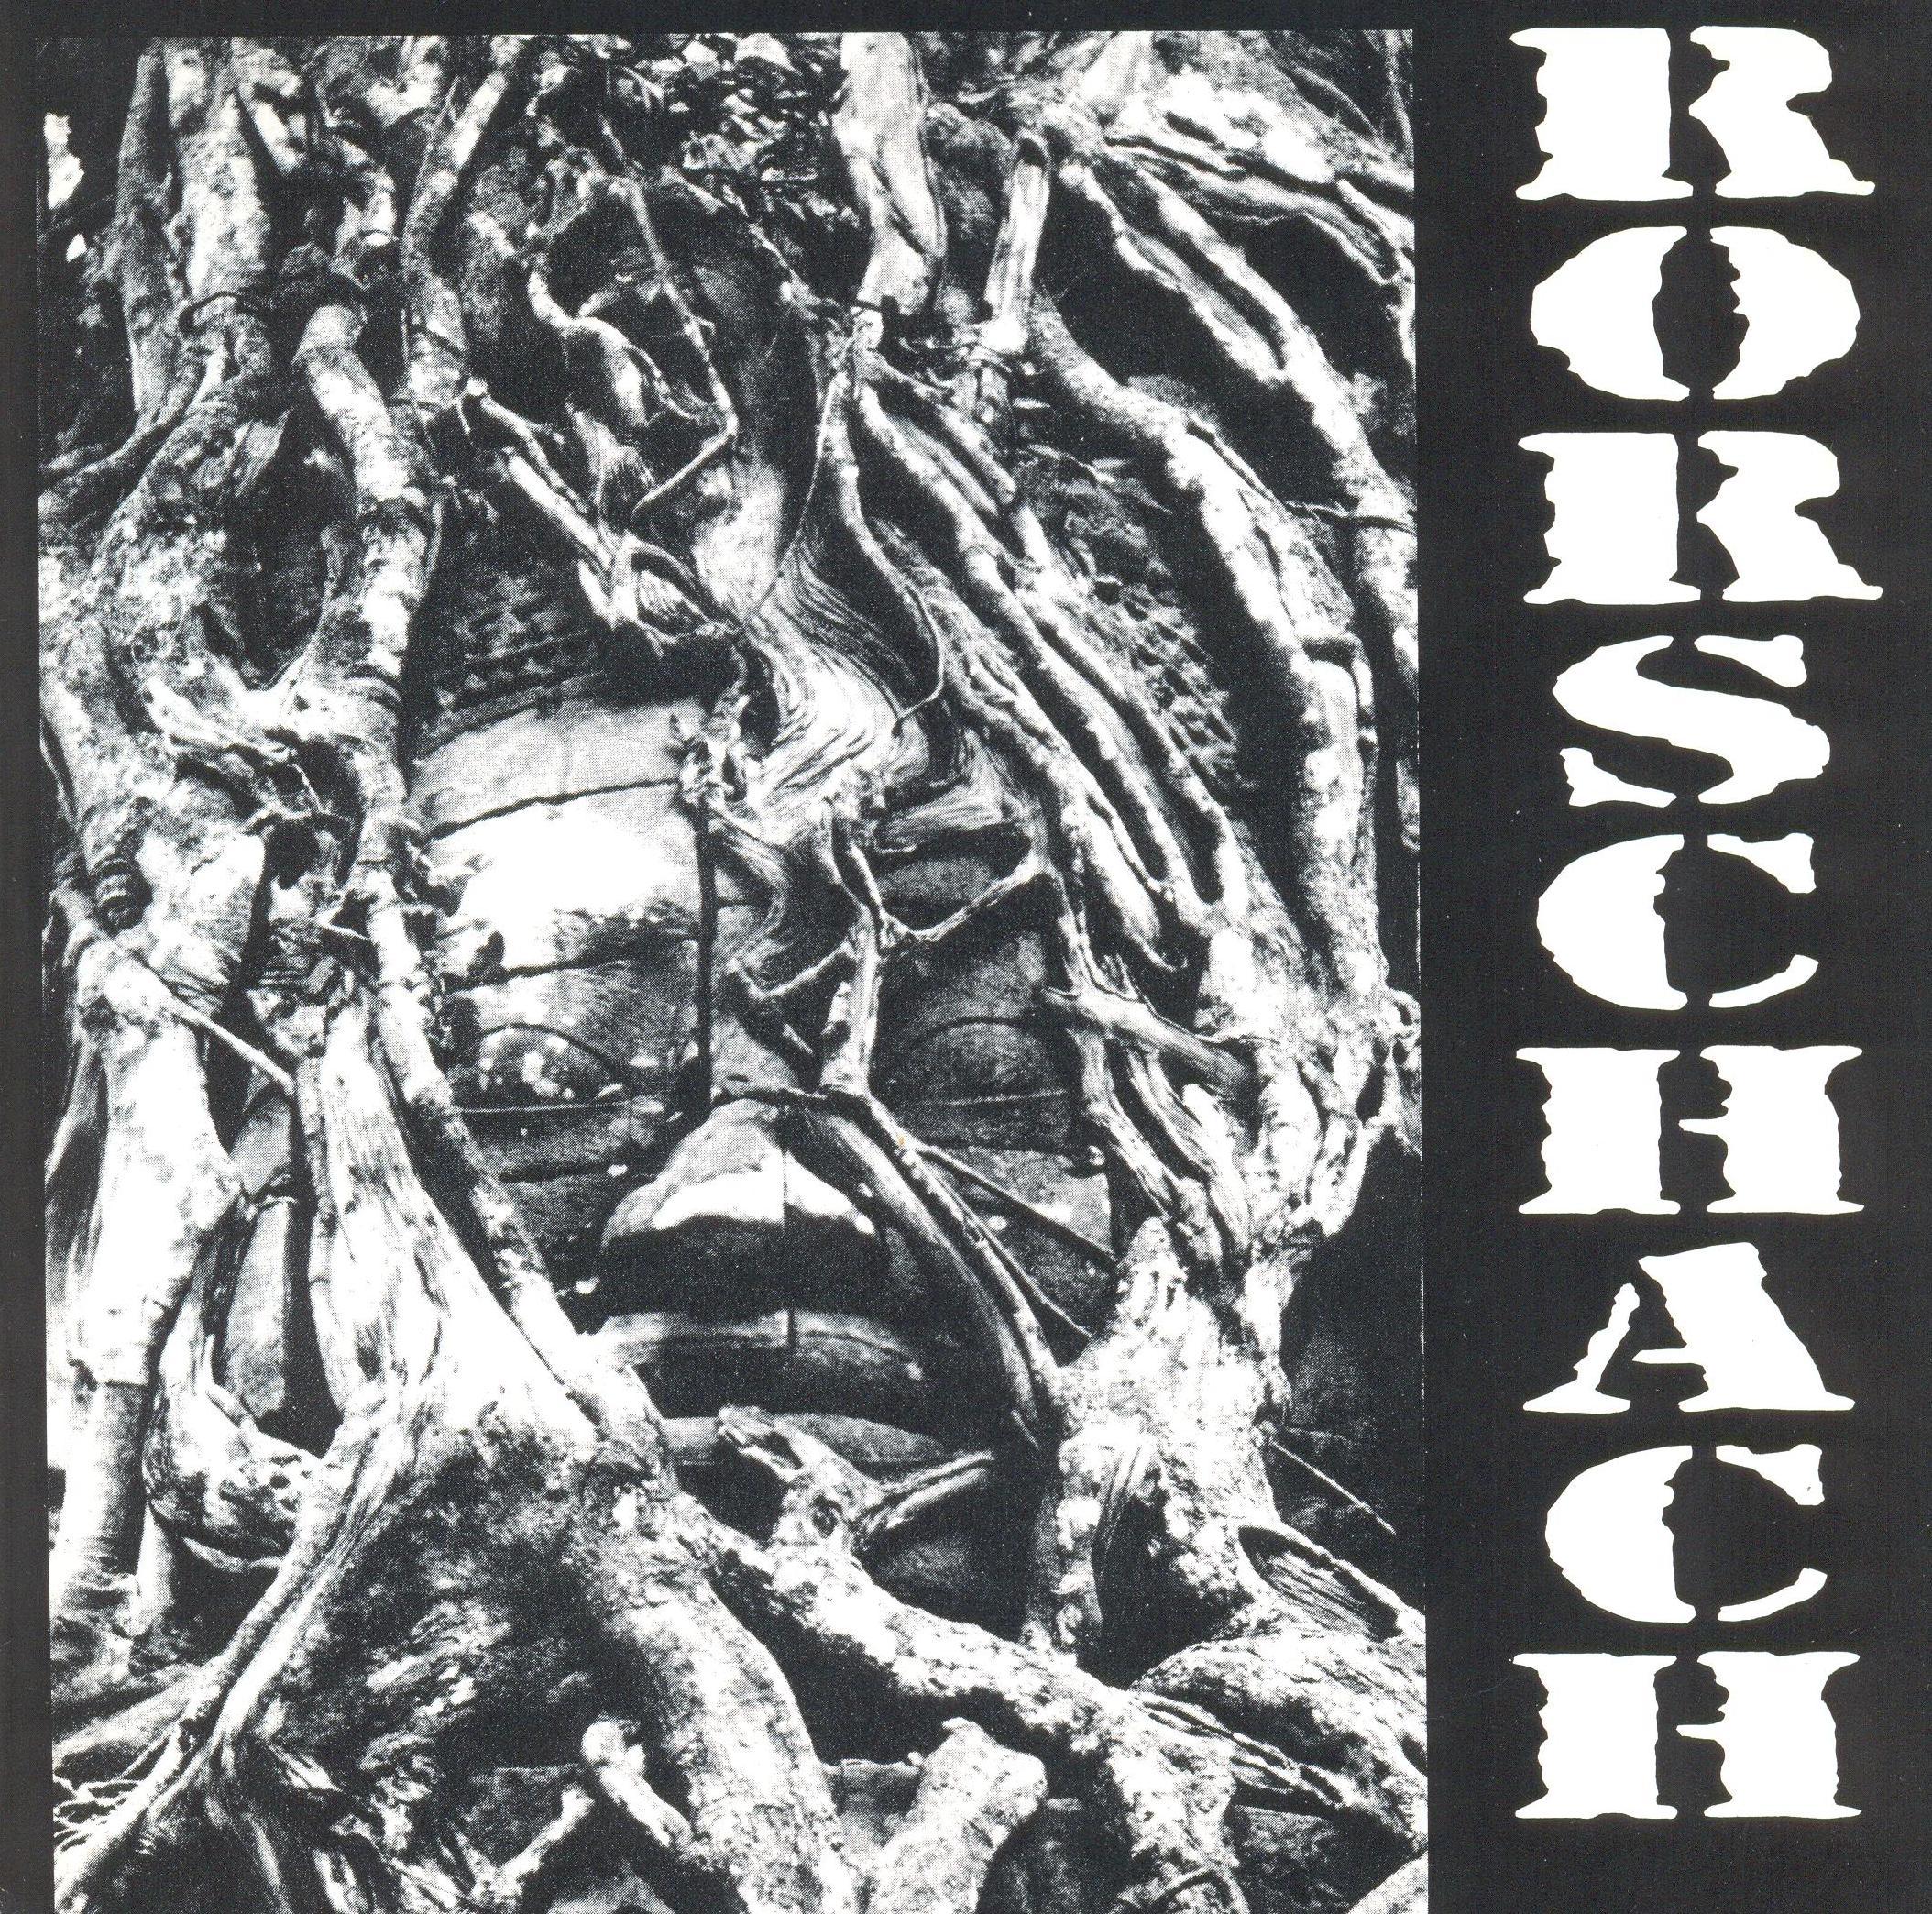 Rorschach - Needlepack